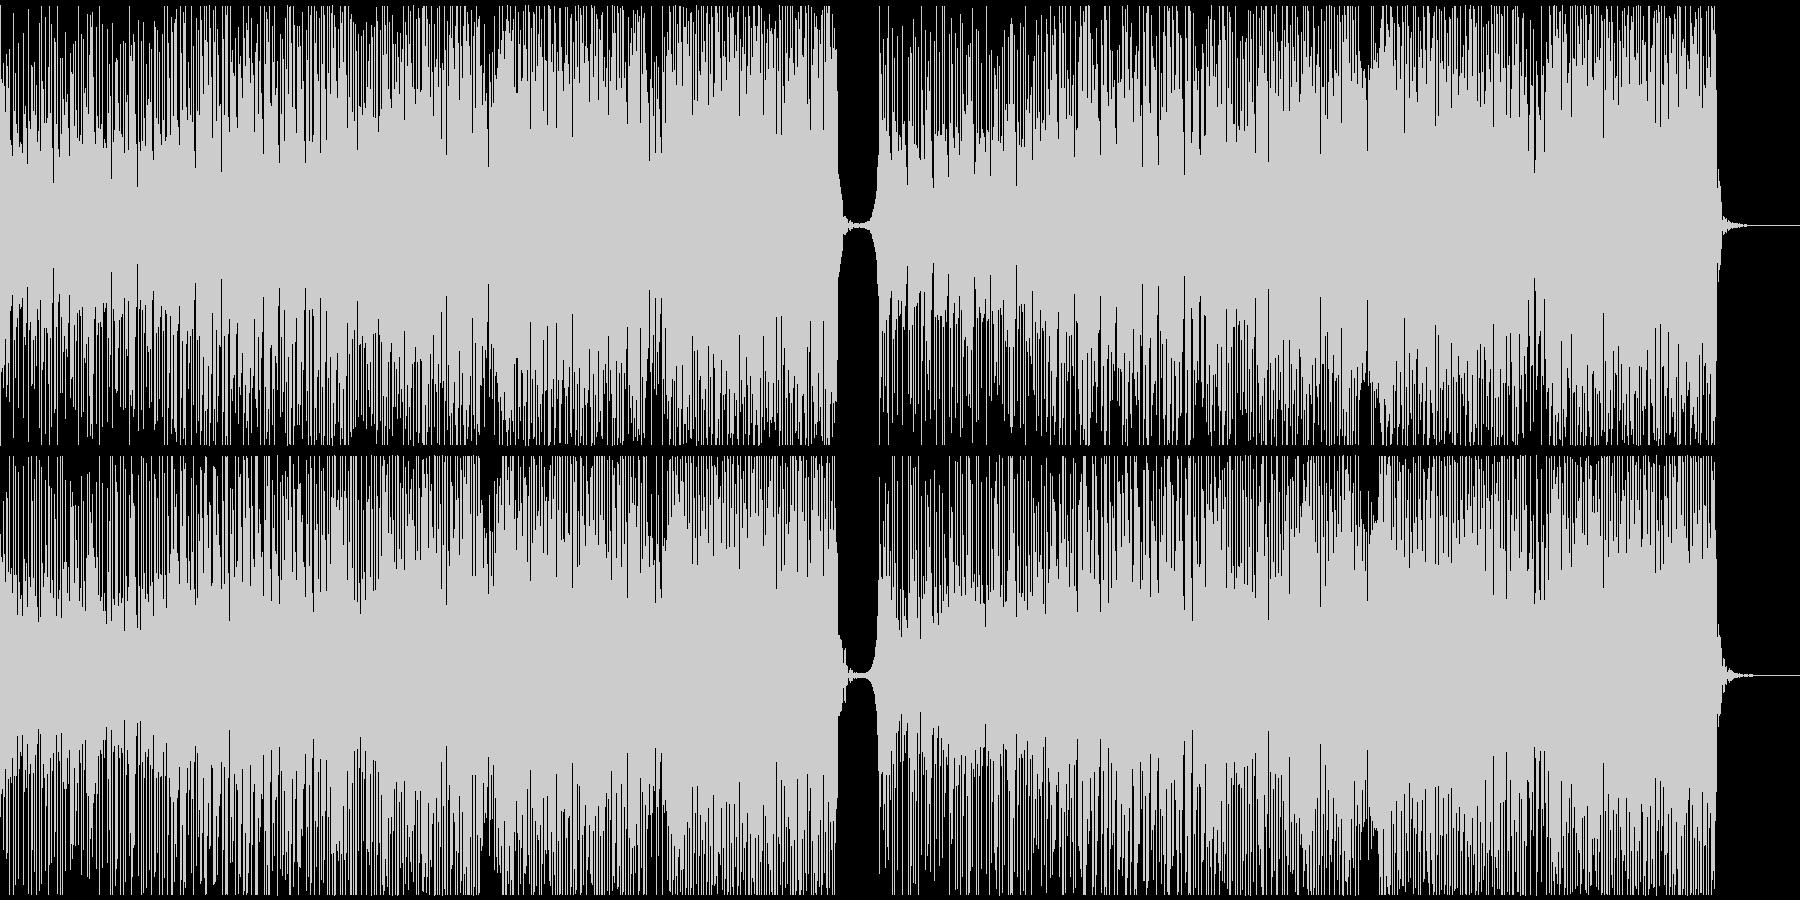 夏っぽいトロピカルハウスの未再生の波形